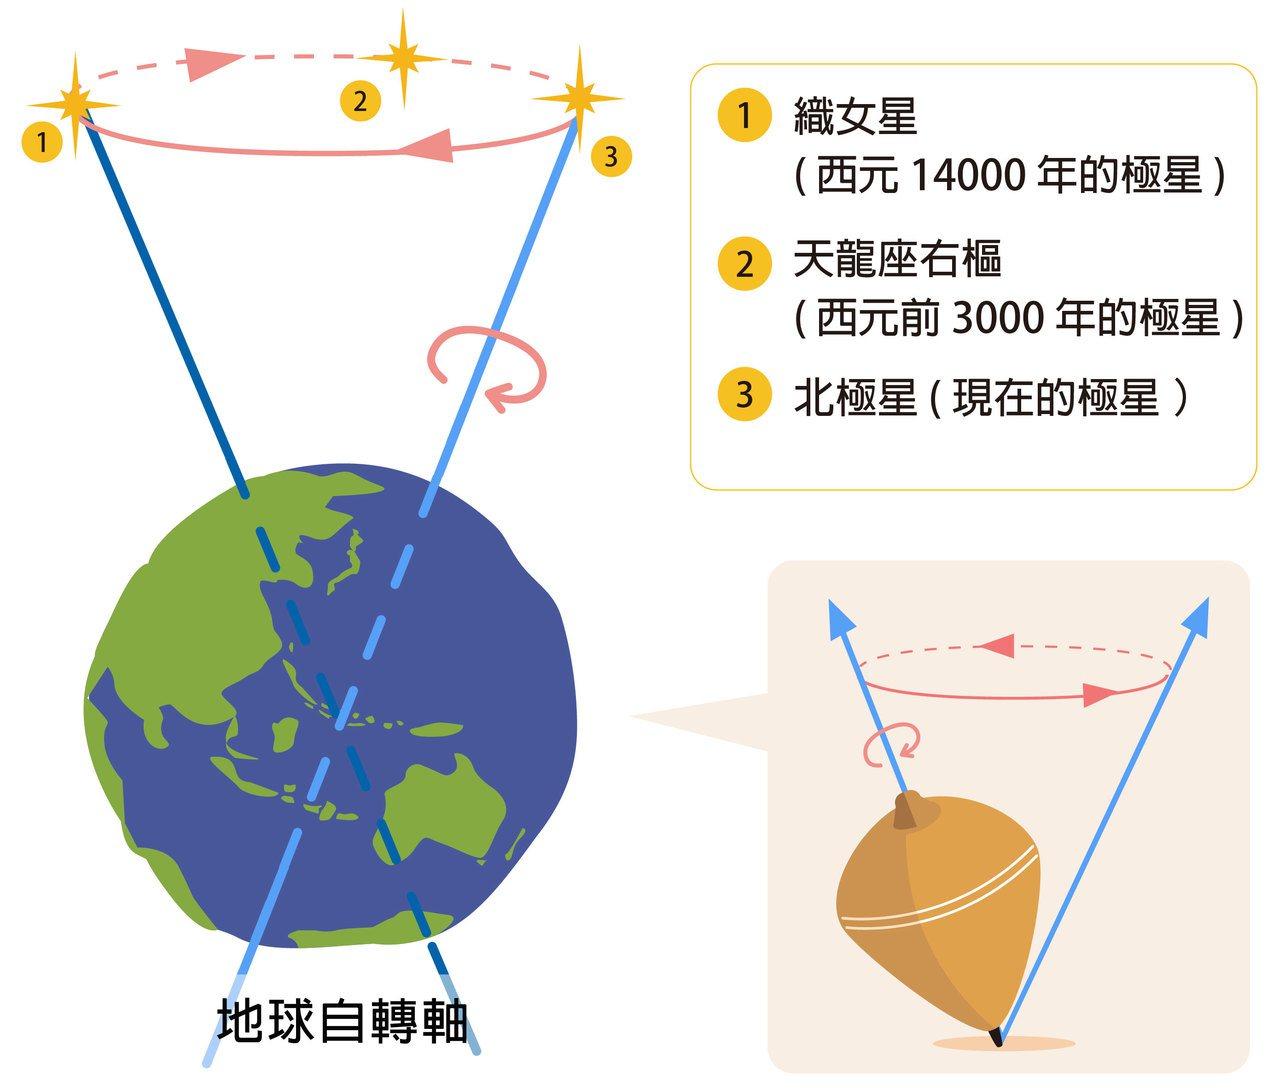 地球就像陀螺一樣,自轉軸會週期性的繞圈圈,造成春分、秋分,冬至、夏至相對於星體的...